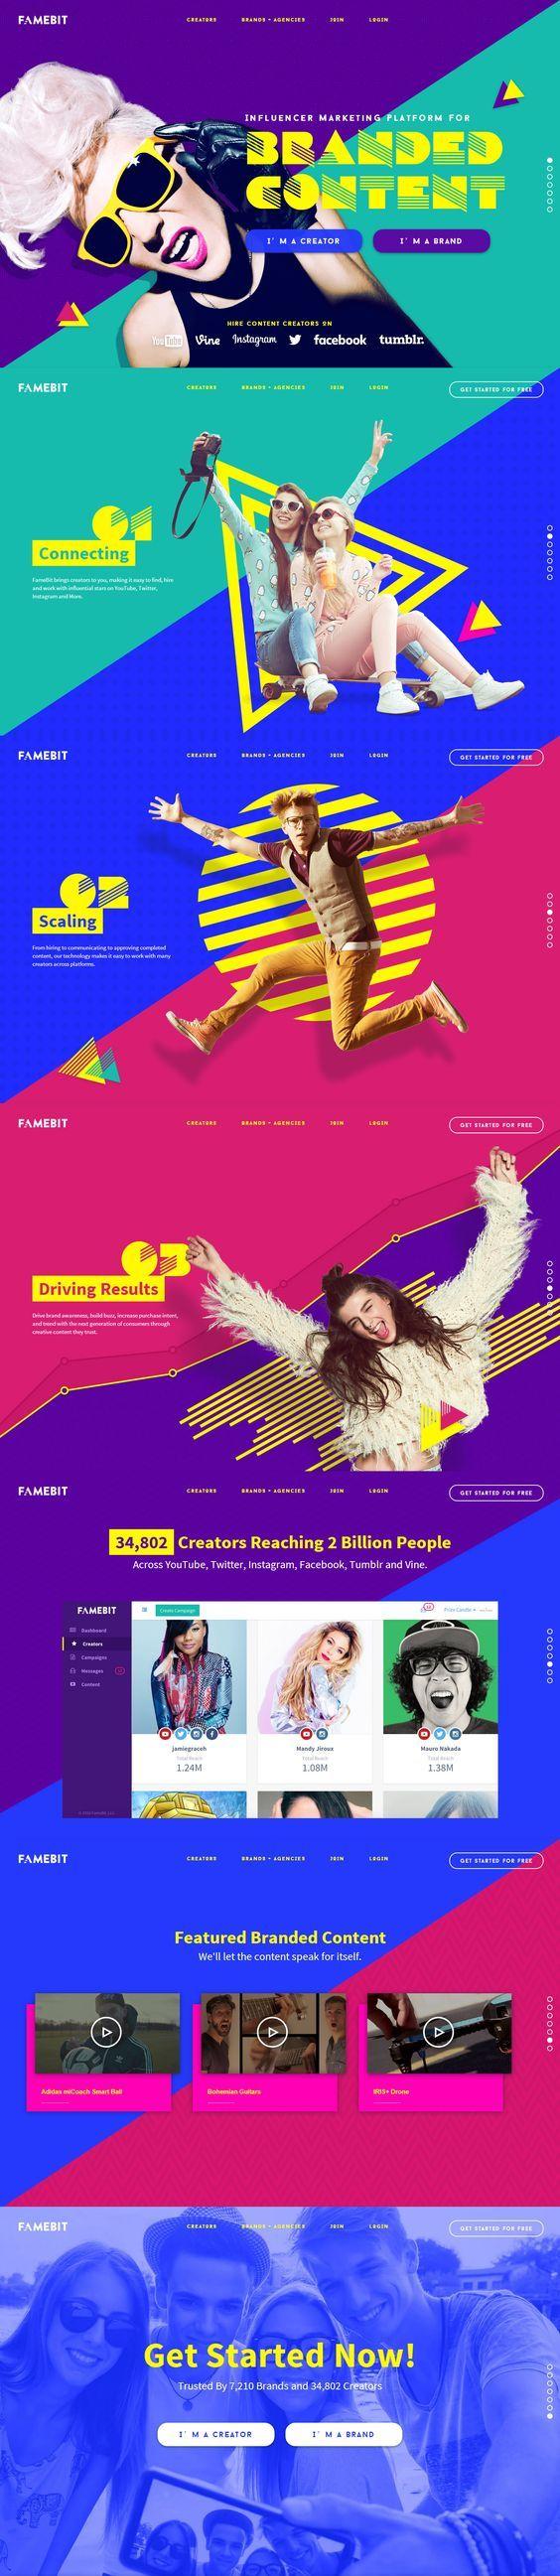 famebit-1@黑眼豆豆12采集到专题设计(126图)_花瓣: